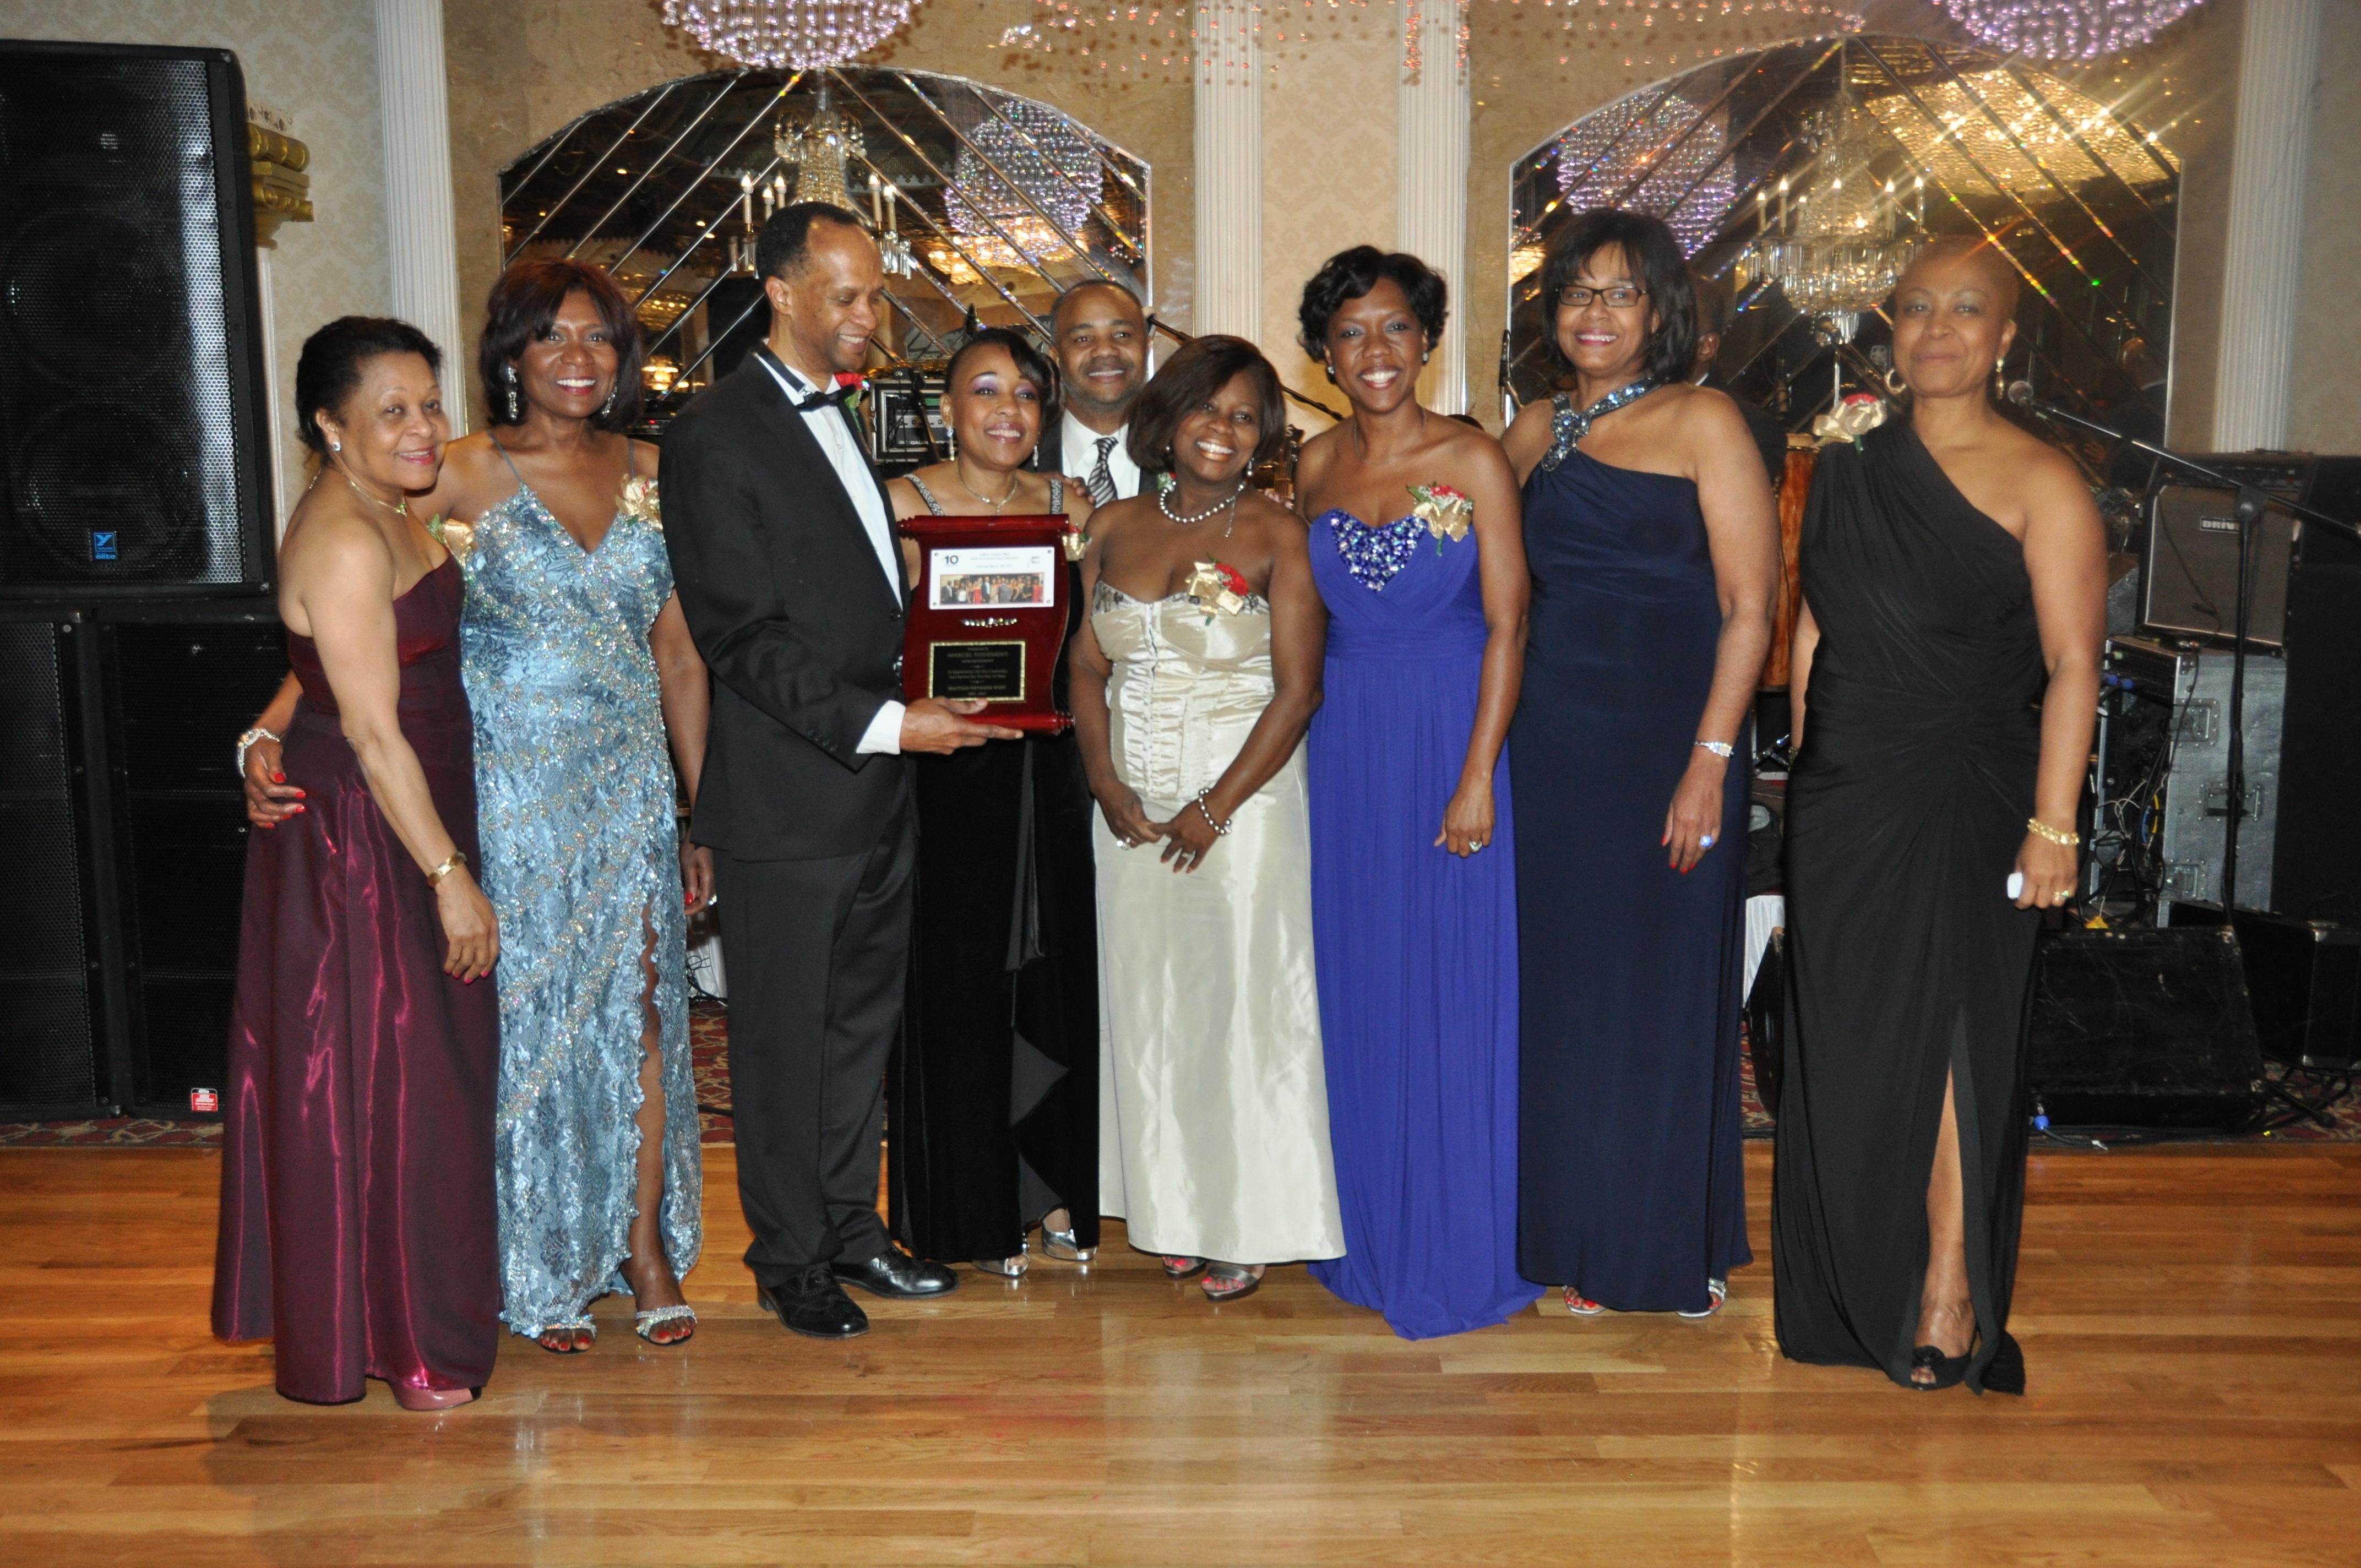 marcel award